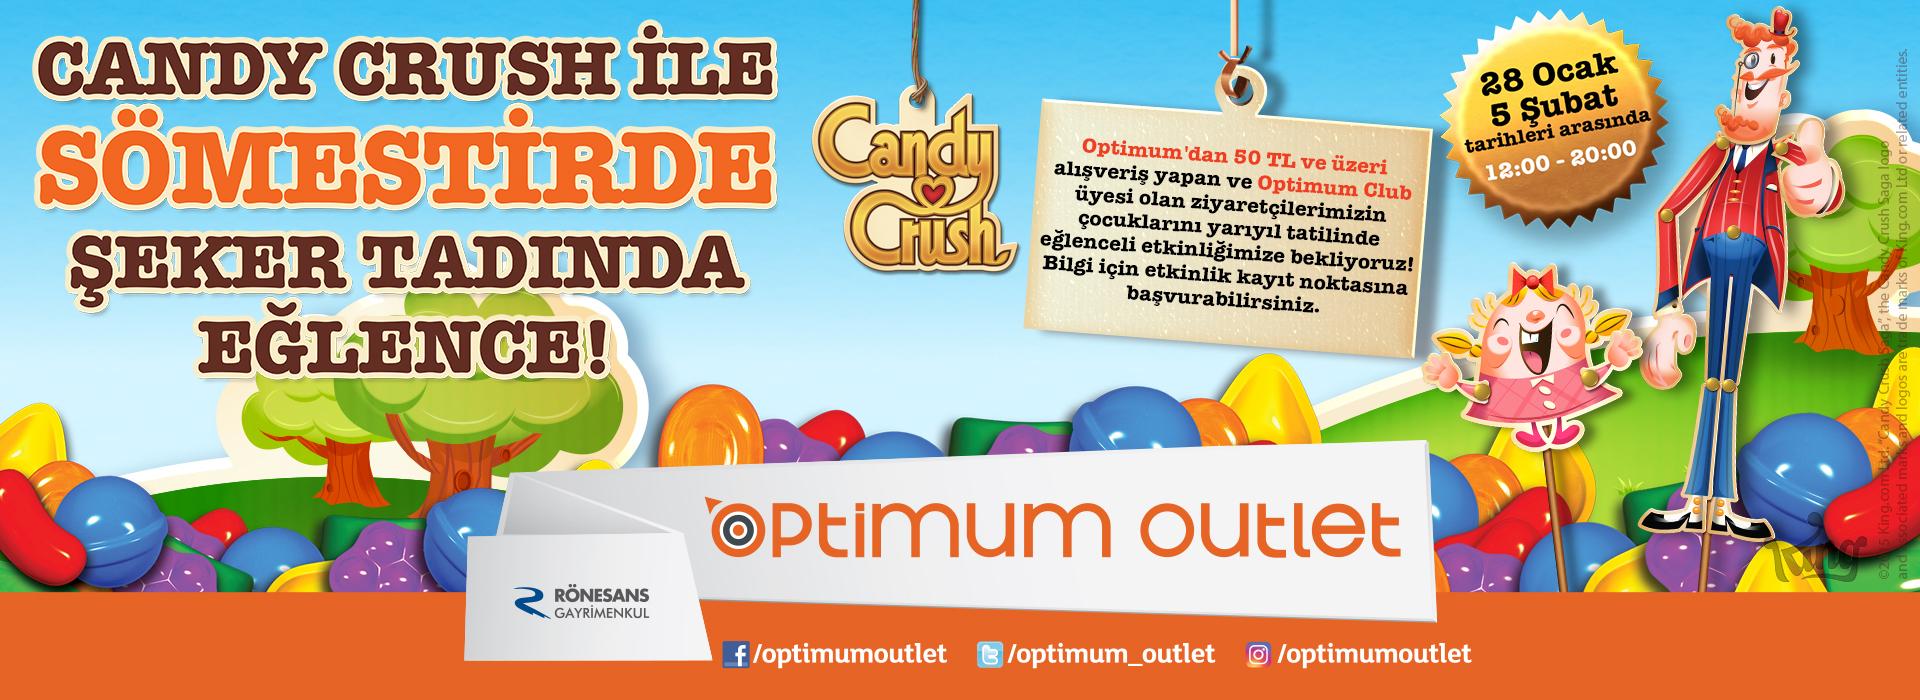 Candy Crush ile Sömestirde Şeker Tadında Eğlence!